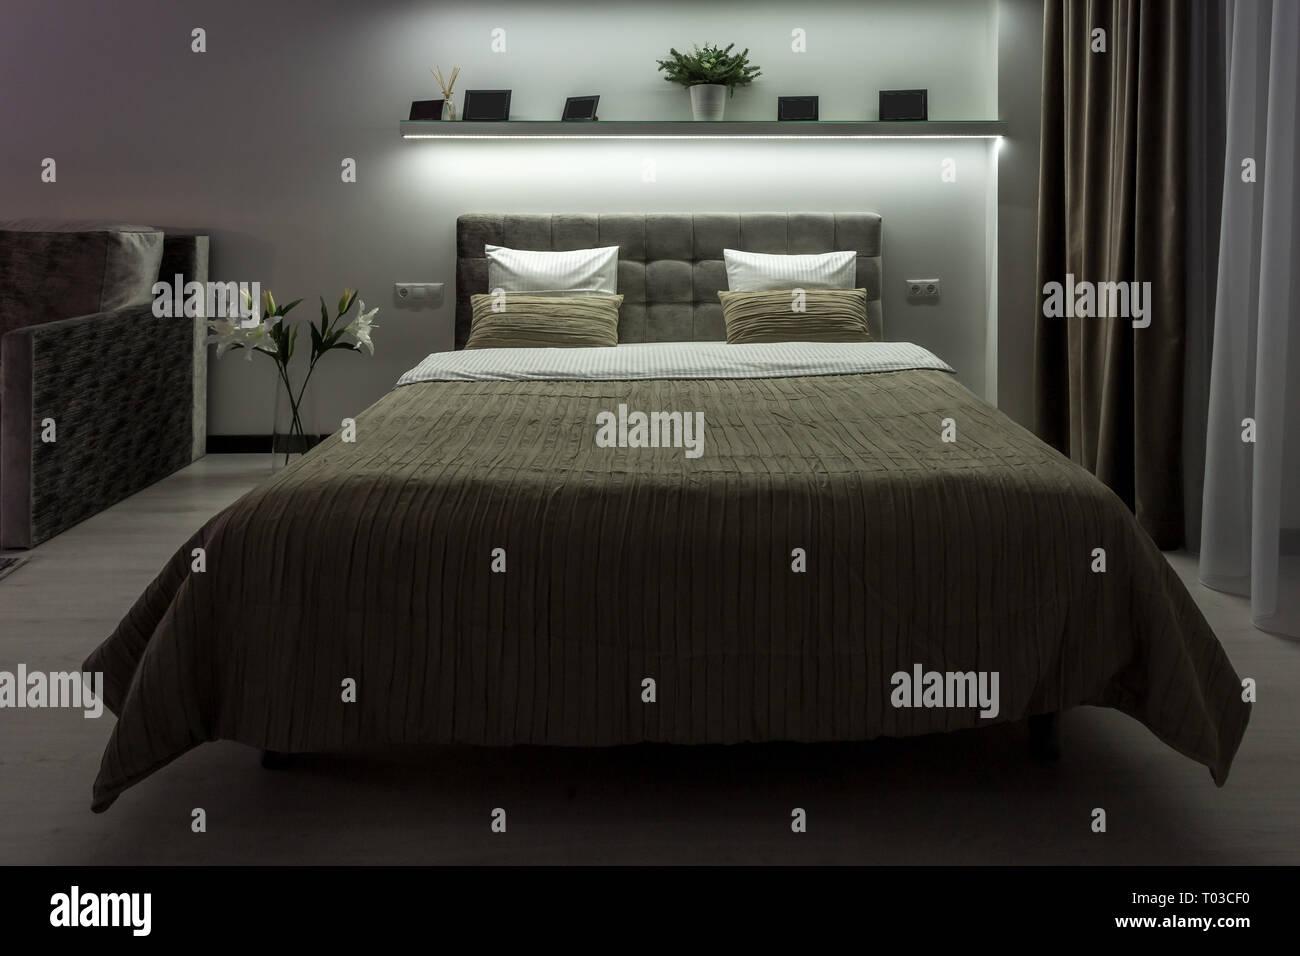 Stili Di Camere Da Letto letto matrimoniale con cuscini in interiore della moderna